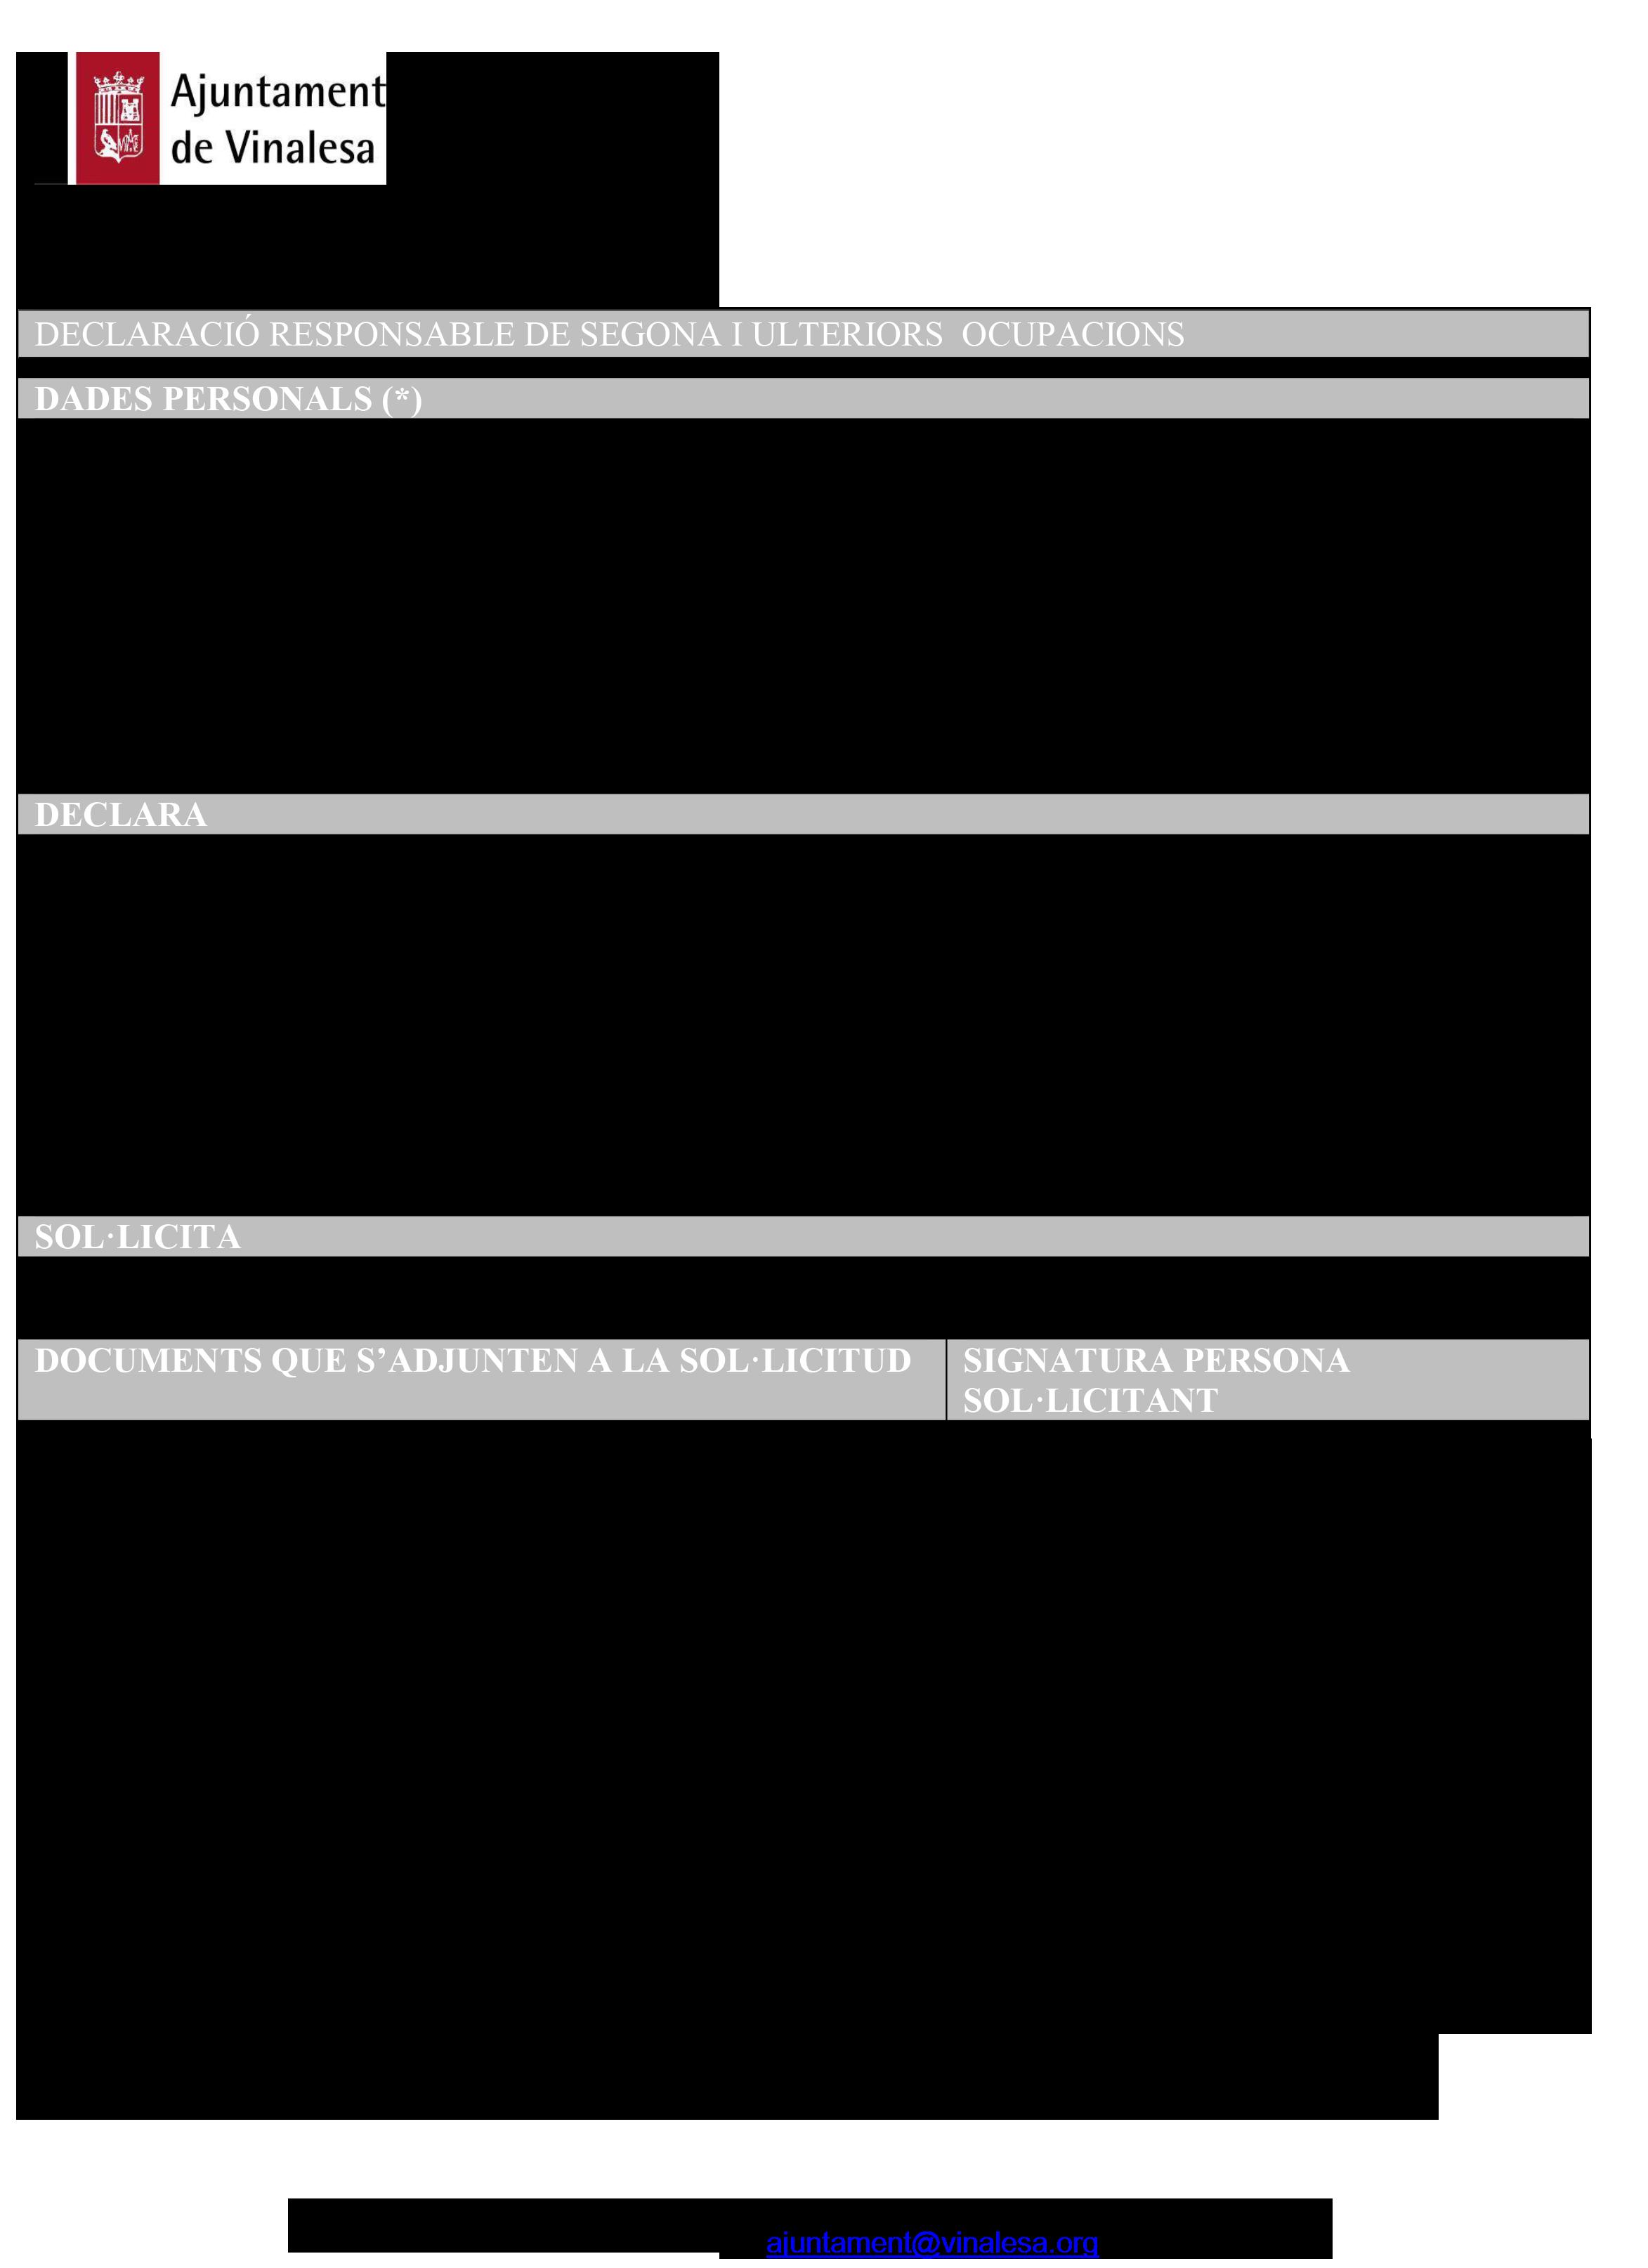 Impreso Declaración Responsable Segunda Ocupación - Vinalesa-1